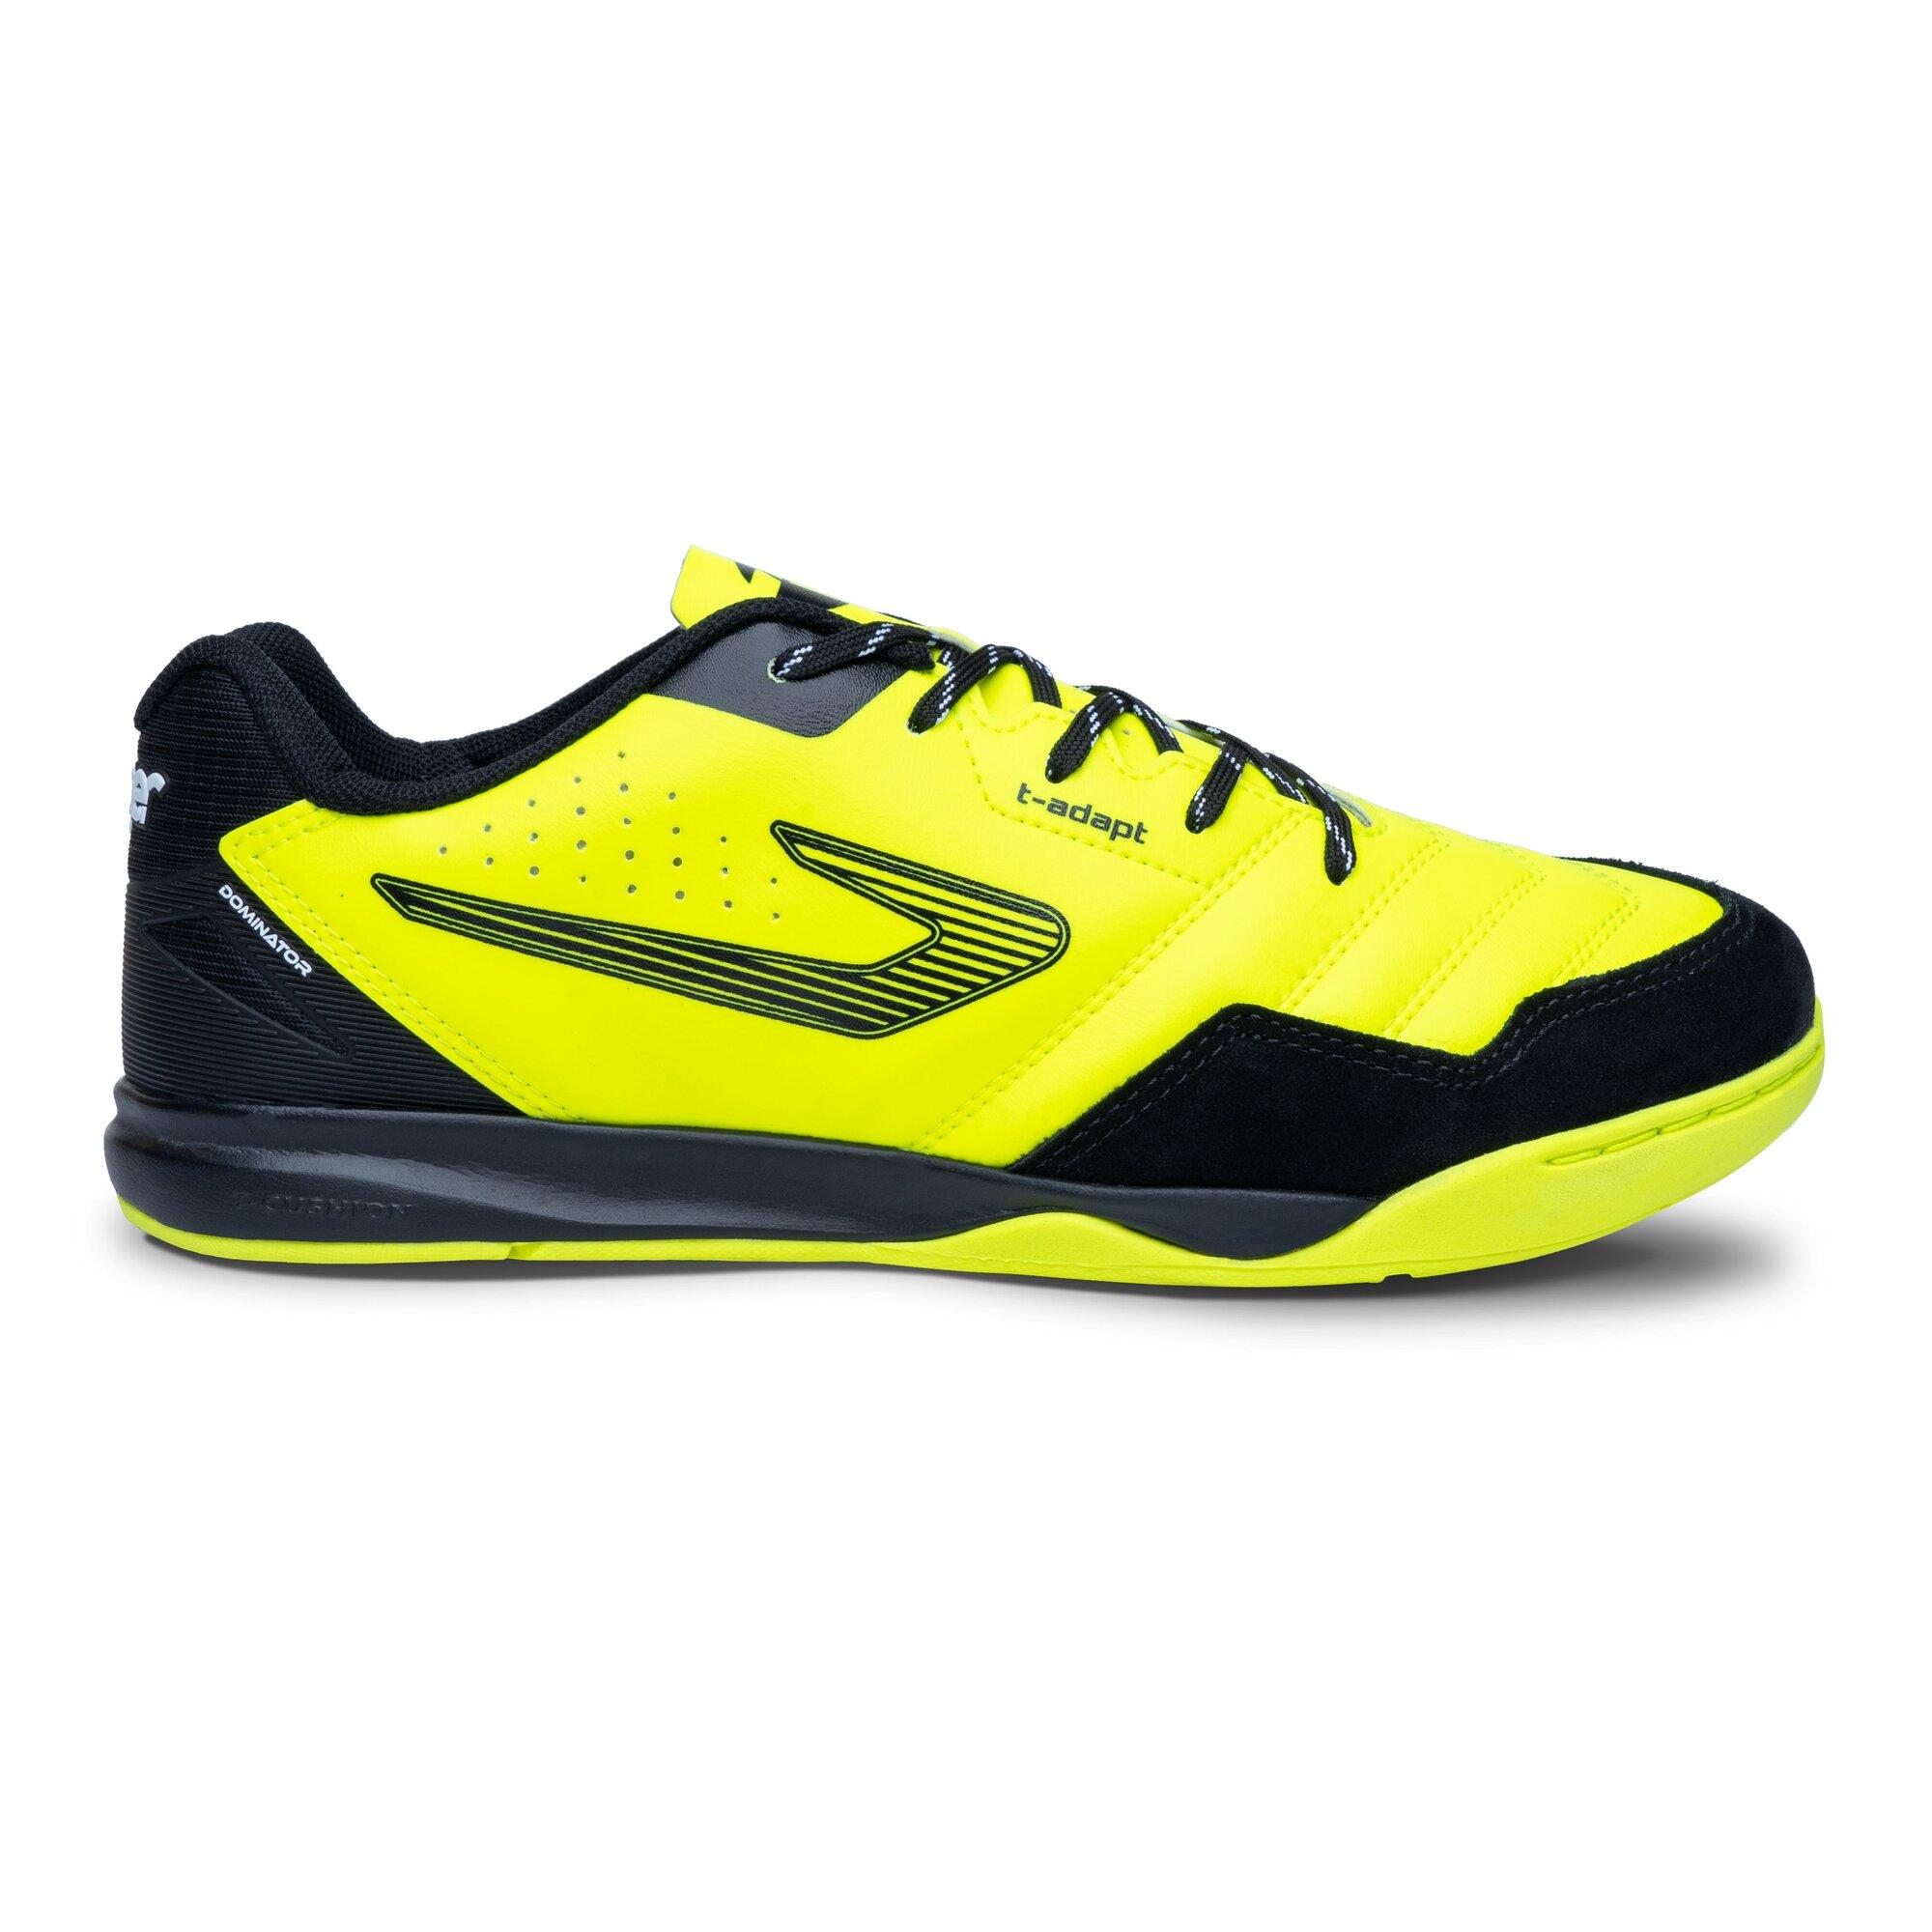 Tenis de Futsal Topper Dominator TD III -